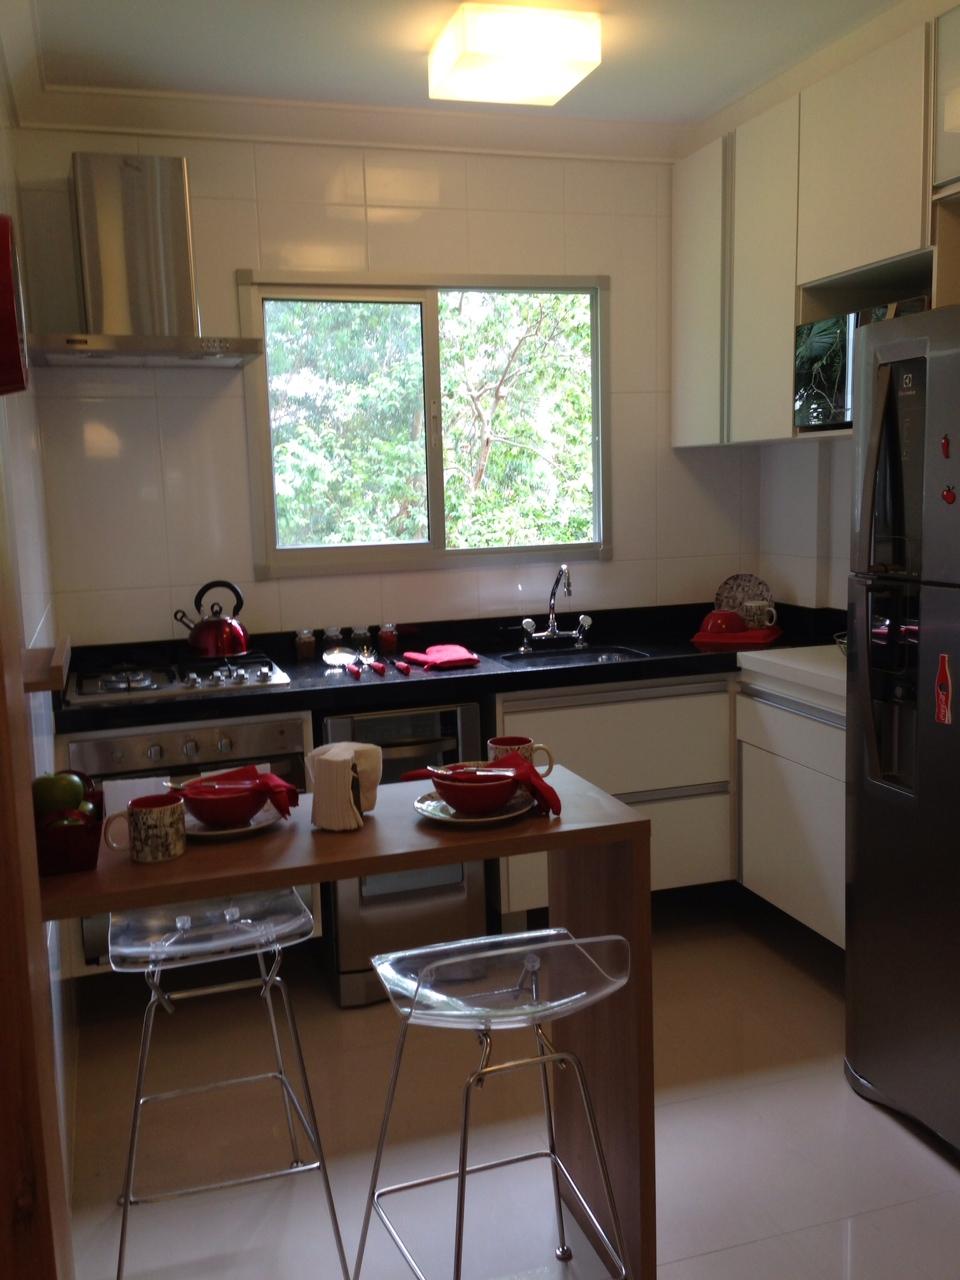 Fui Morar Numa Casinha Apartamento Modelo Decorado  Feito Por Mim! # Cozinha Pequena E Quadrada